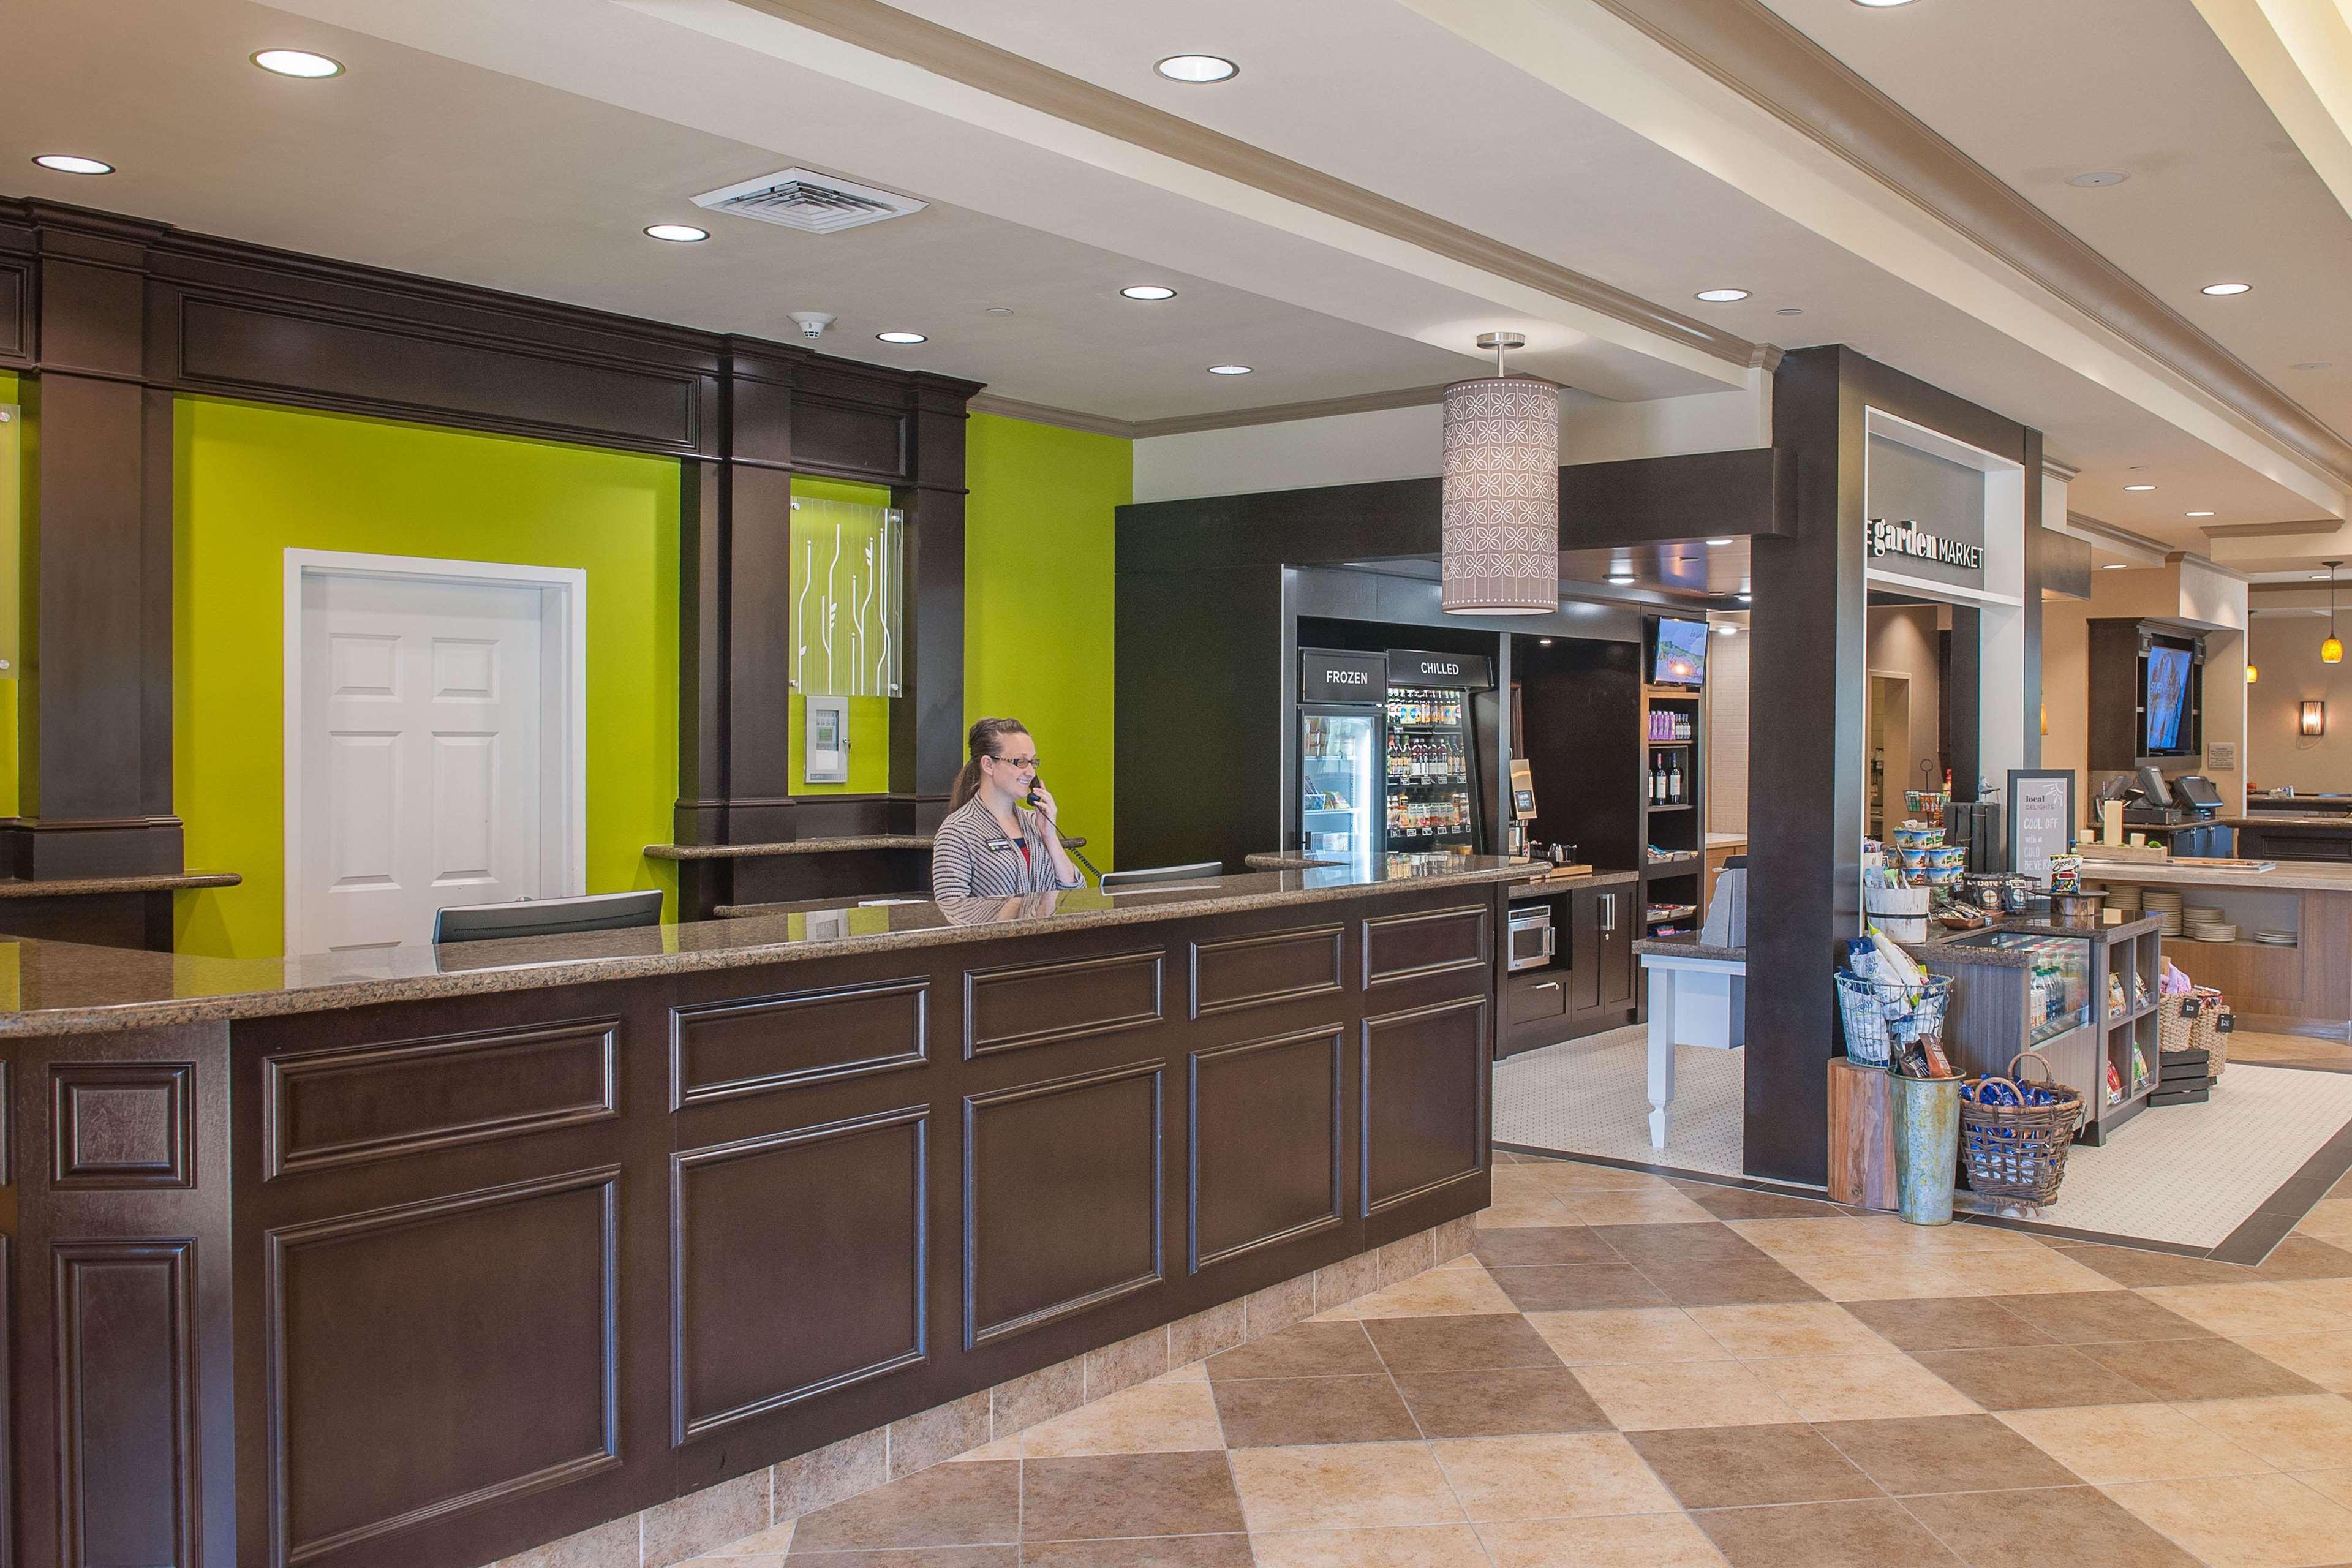 Hilton Garden Inn Pensacola Airport - Medical Center image 3